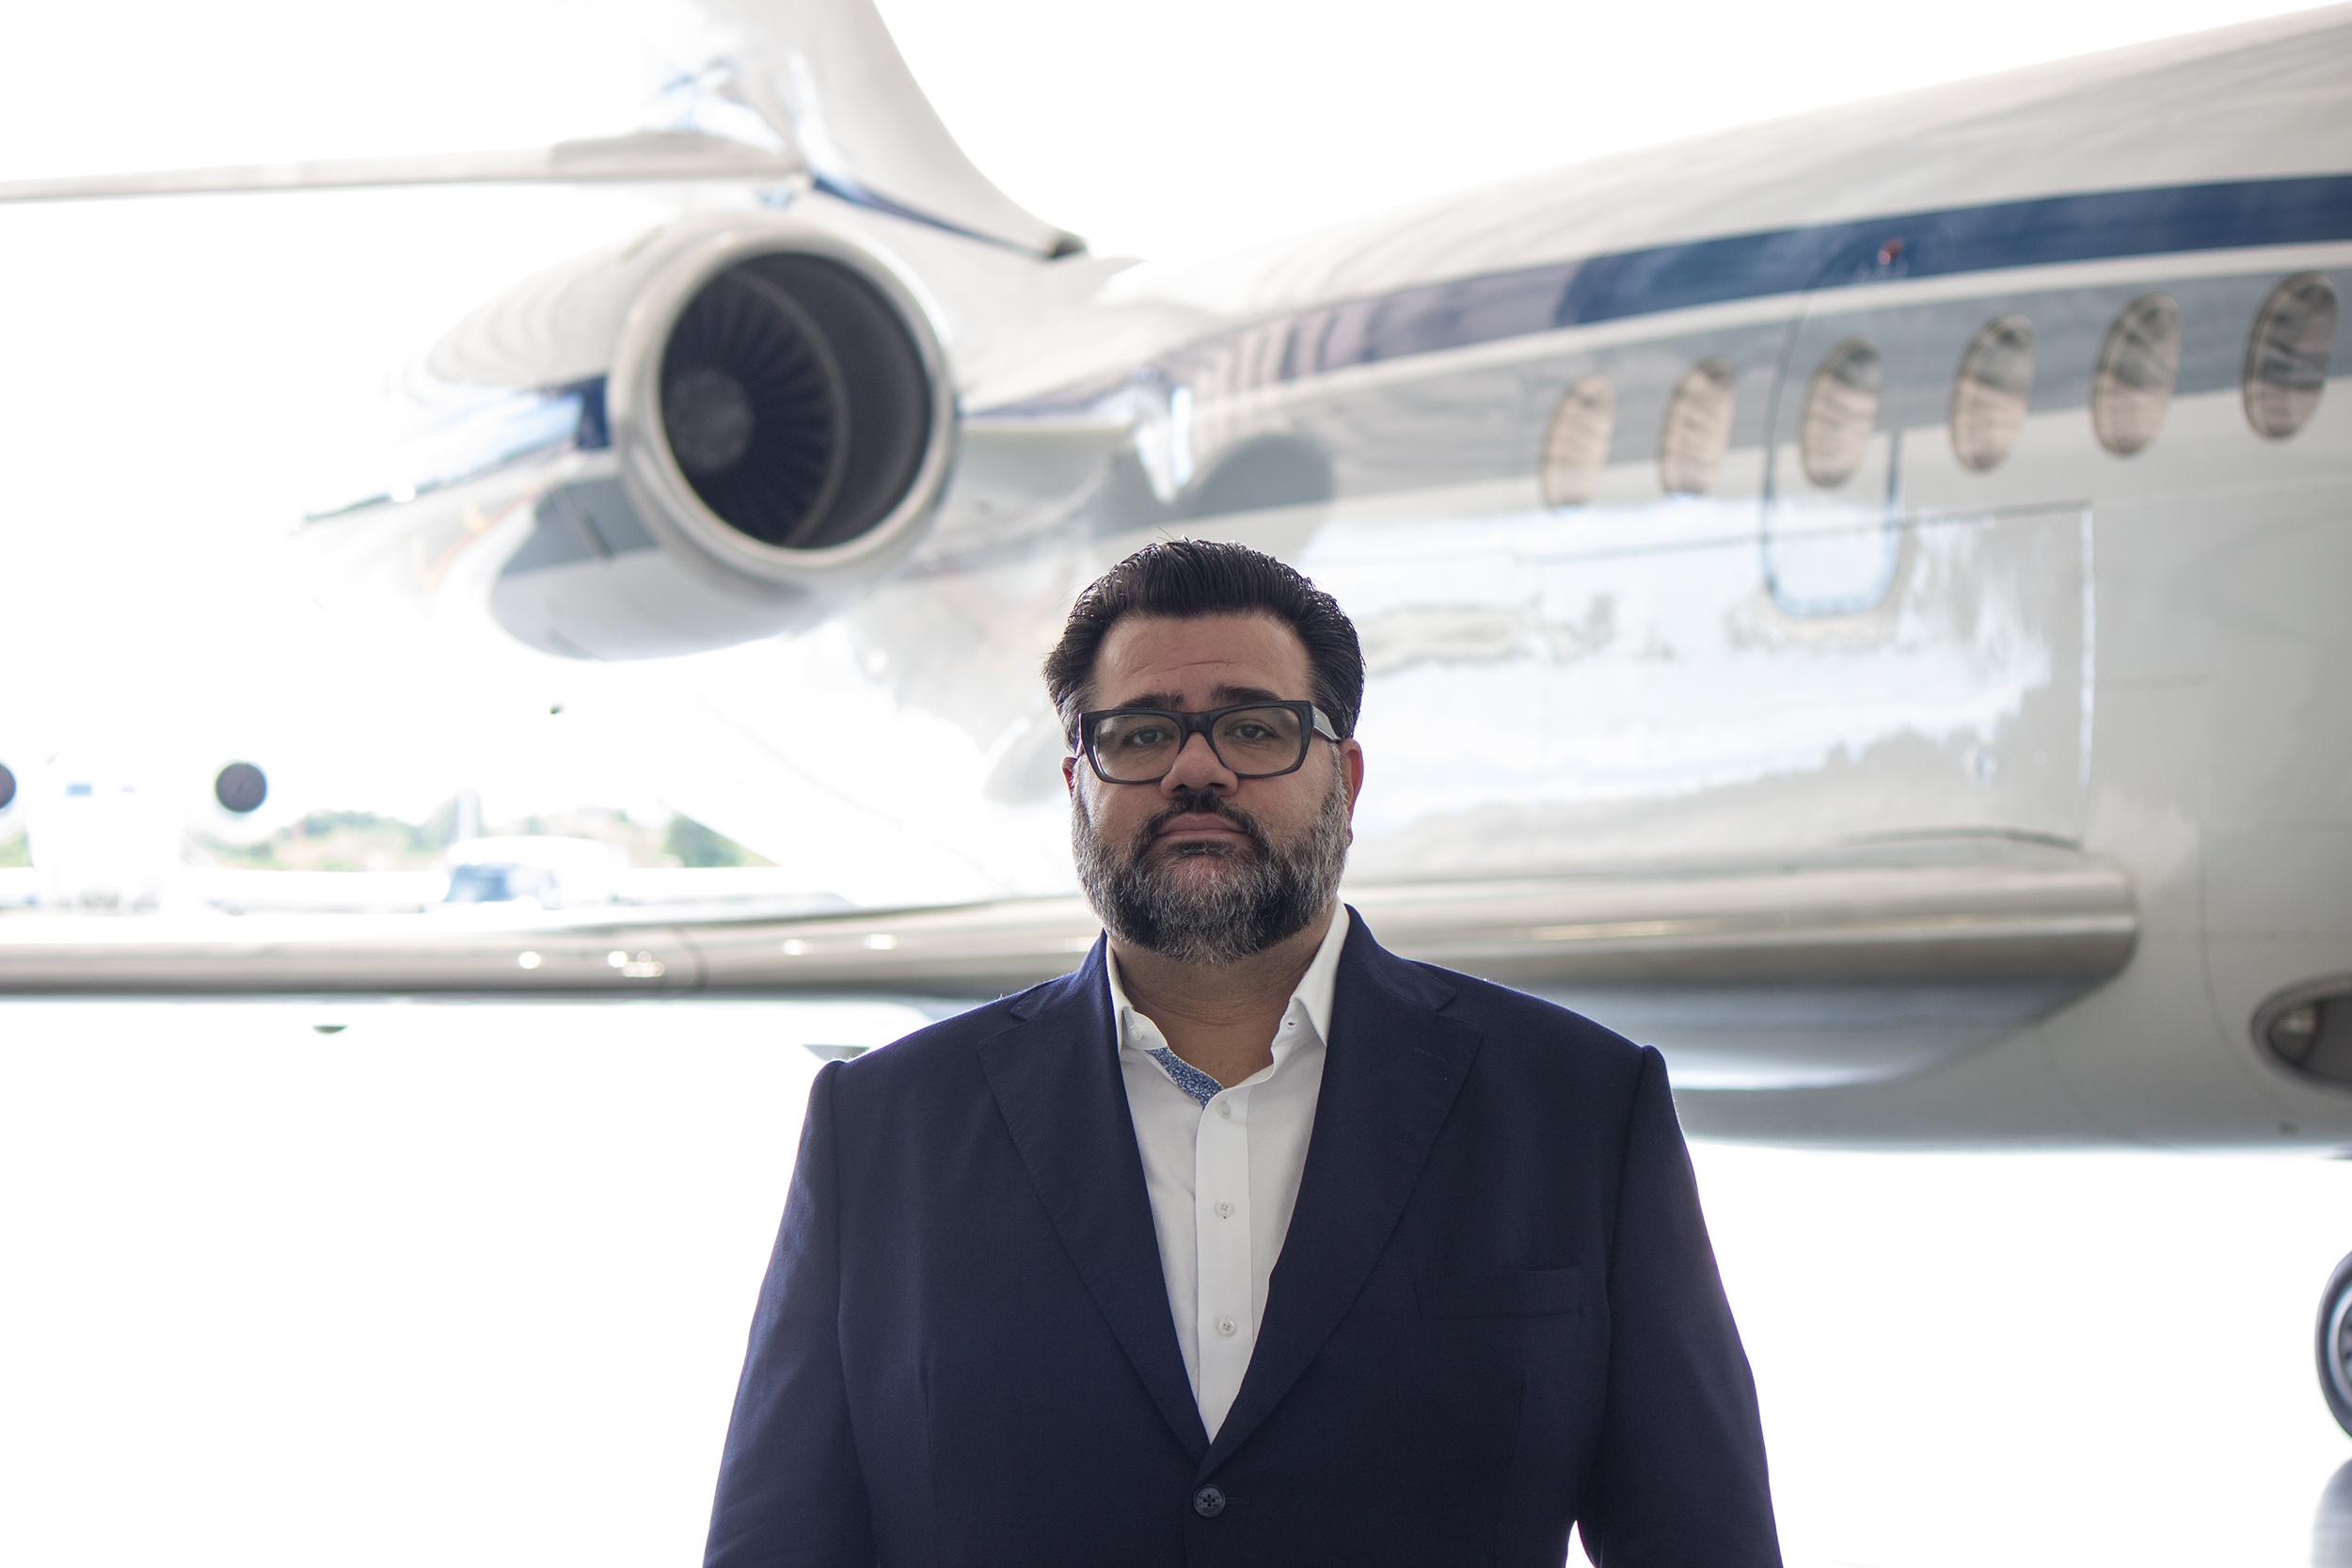 Manny Kapranos, Director of Sales & Marketing for SmartJets & VIP Completions